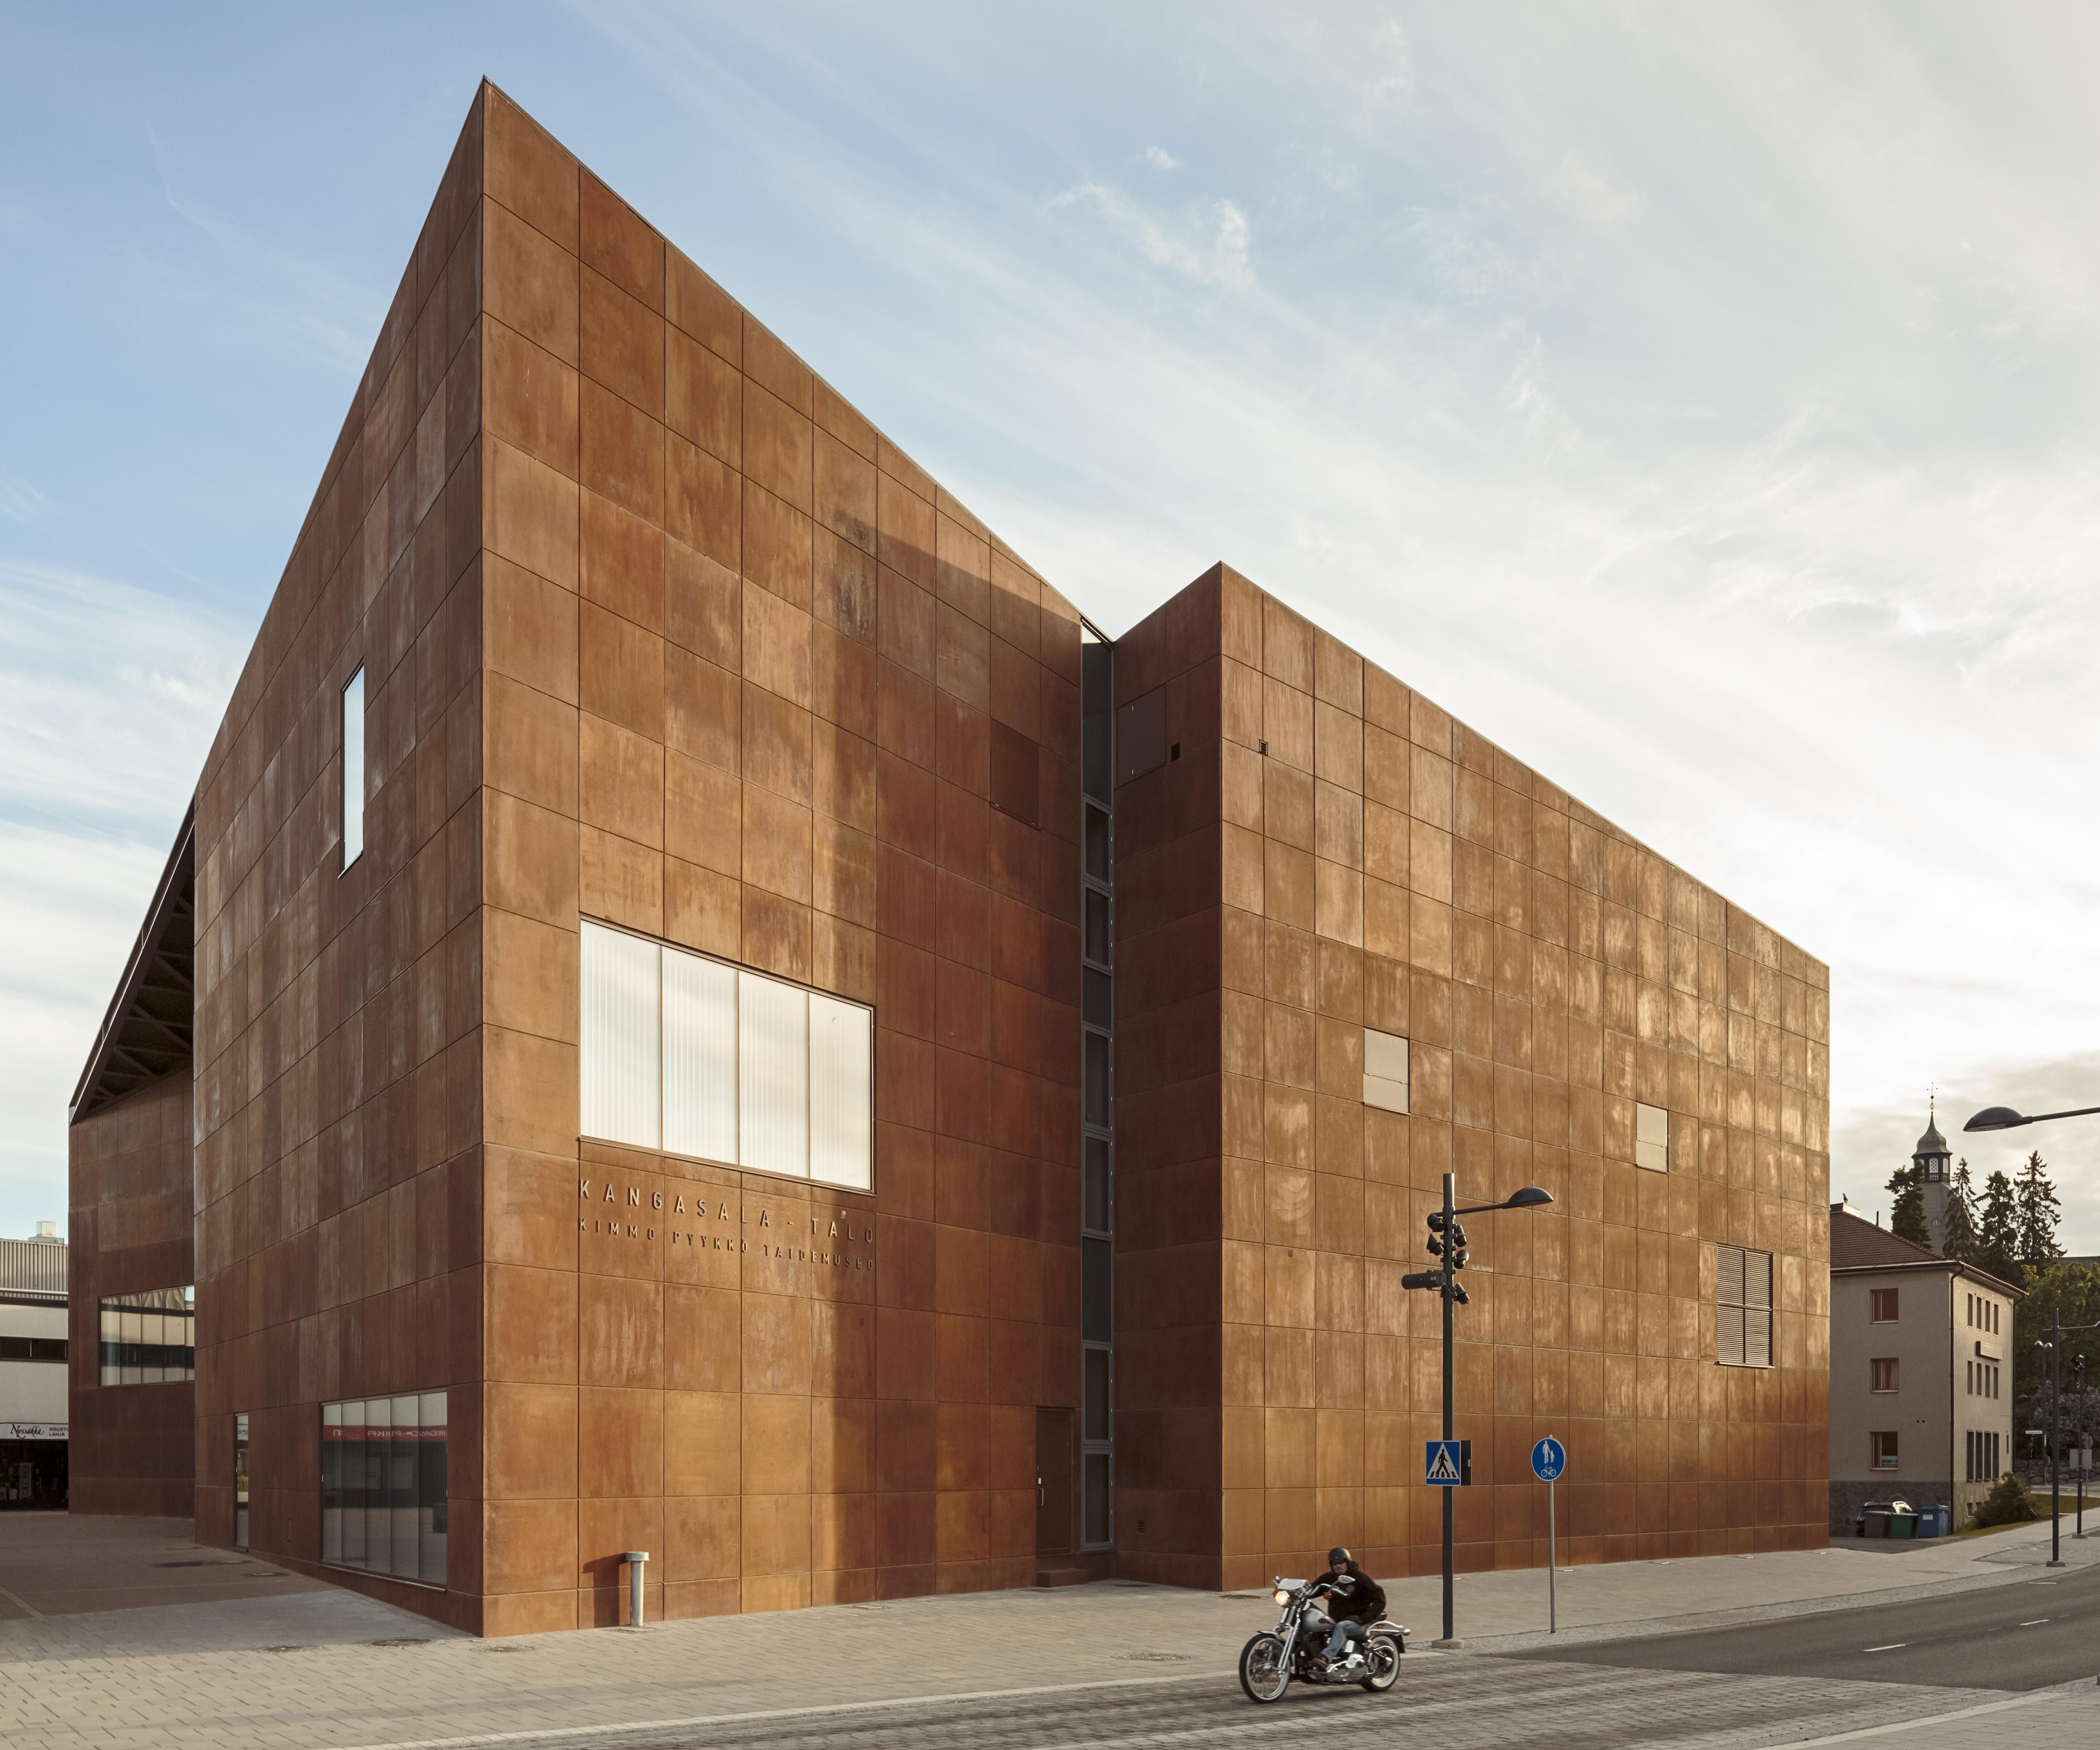 Kangasala-talo on Arkkitehtuuritoimisto Heikkinen-Komosen suunnittelema kulttuurikeskus Kangasalan keskustassa.